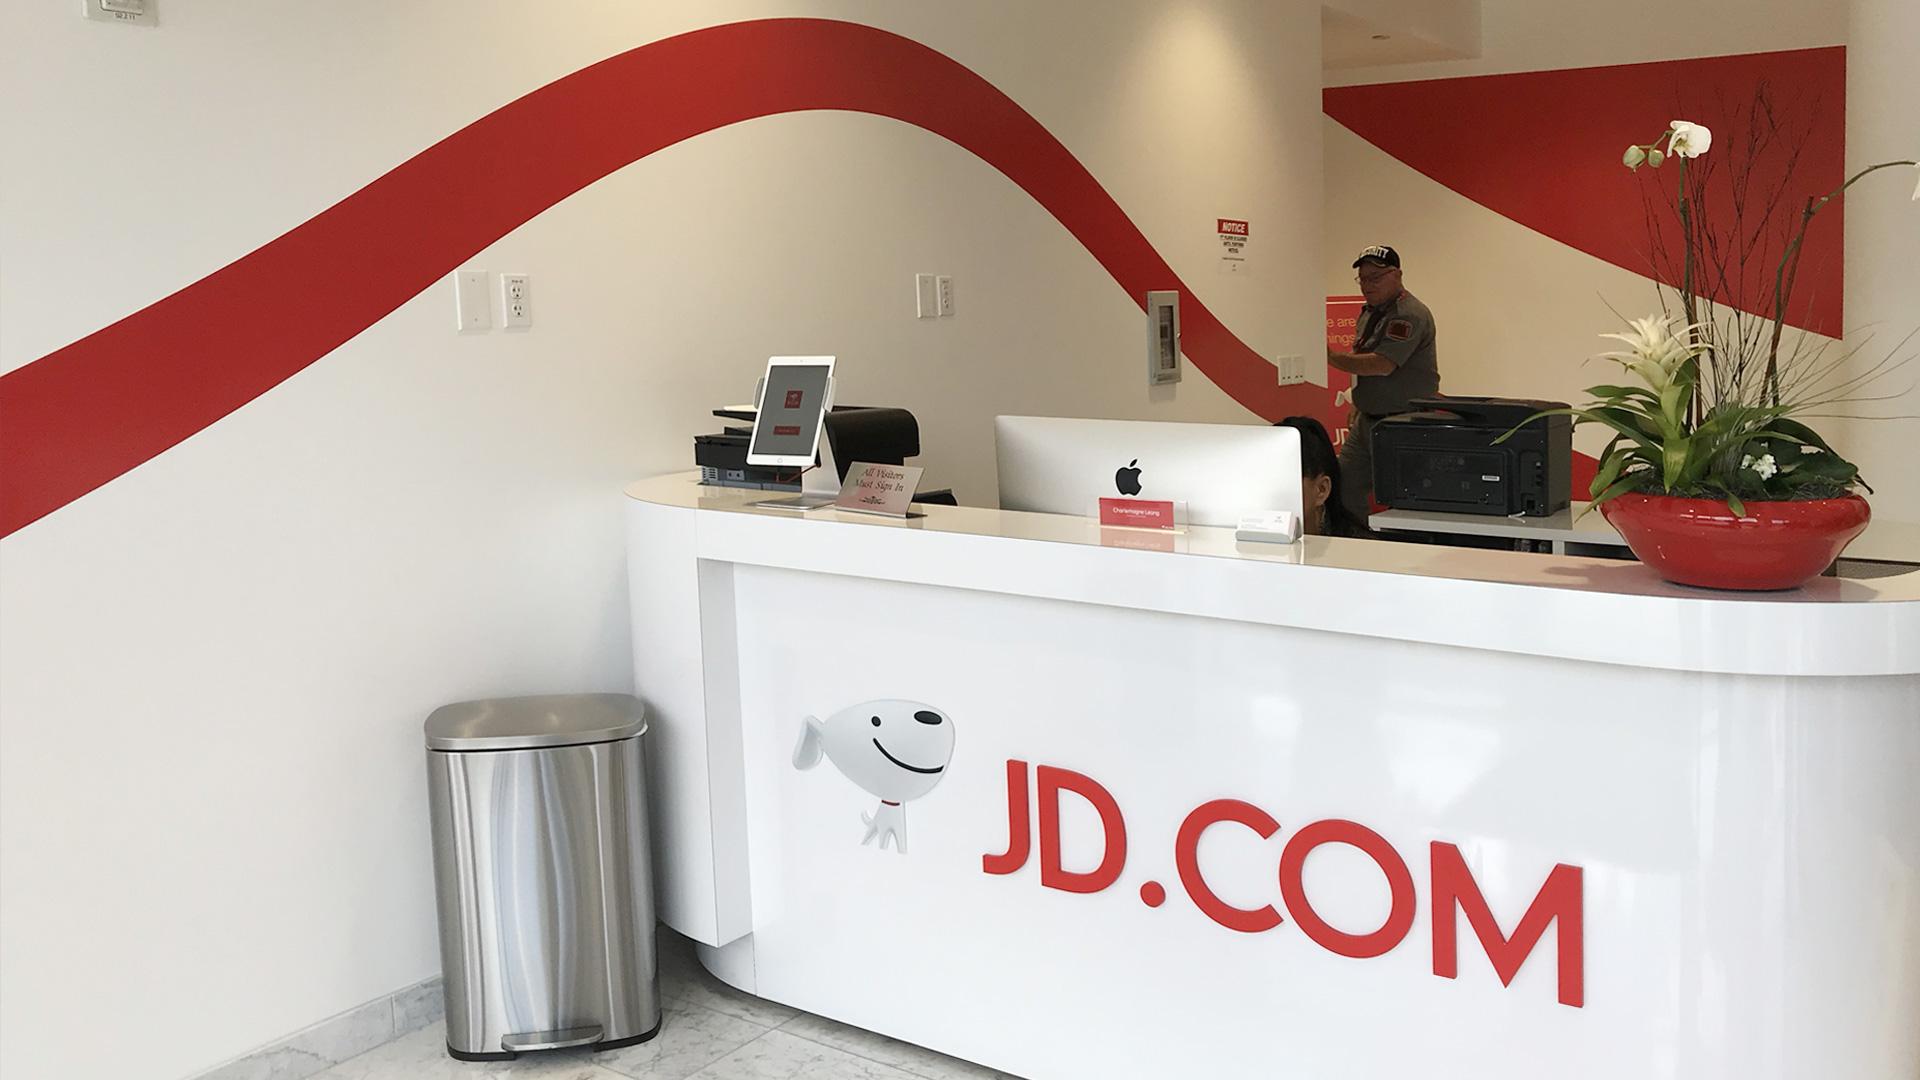 JDCOM_reception